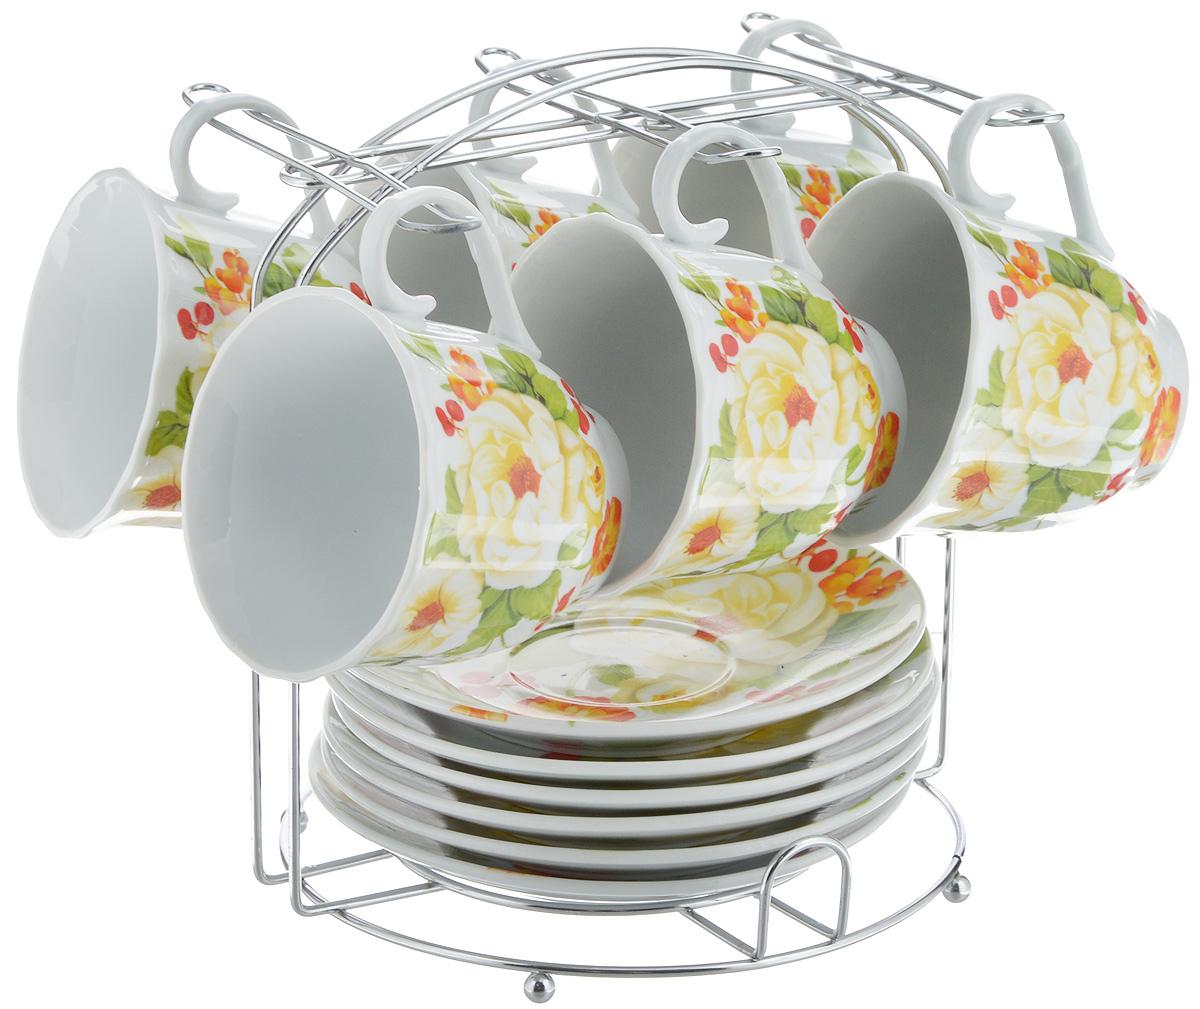 Набор чайный Bella, 13 предметов. DL-F6MS-178DL-F6MS-178Набор Bella состоит из 6 чашек и 6 блюдец, изготовленных из высококачественного фарфора. Чашки оформлены красочным рисунком. Изделия расположены на металлической подставке. Такой набор подходит для подачи чая или кофе. Изящный дизайн придется по вкусу и ценителям классики, и тем, кто предпочитает современный стиль. Он настроит на позитивный лад и подарит хорошее настроение с самого утра. Чайный набор Bella - идеальный и необходимый подарок для вашего дома и для ваших друзей в праздники. Объем чашки: 220 мл. Диаметр чашки (по верхнему краю): 8 см. Высота чашки: 7 см. Диаметр блюдца: 14 см. Высота блюдца: 2,3 см. Размер подставки: 17 х 16,5 х 19 см.